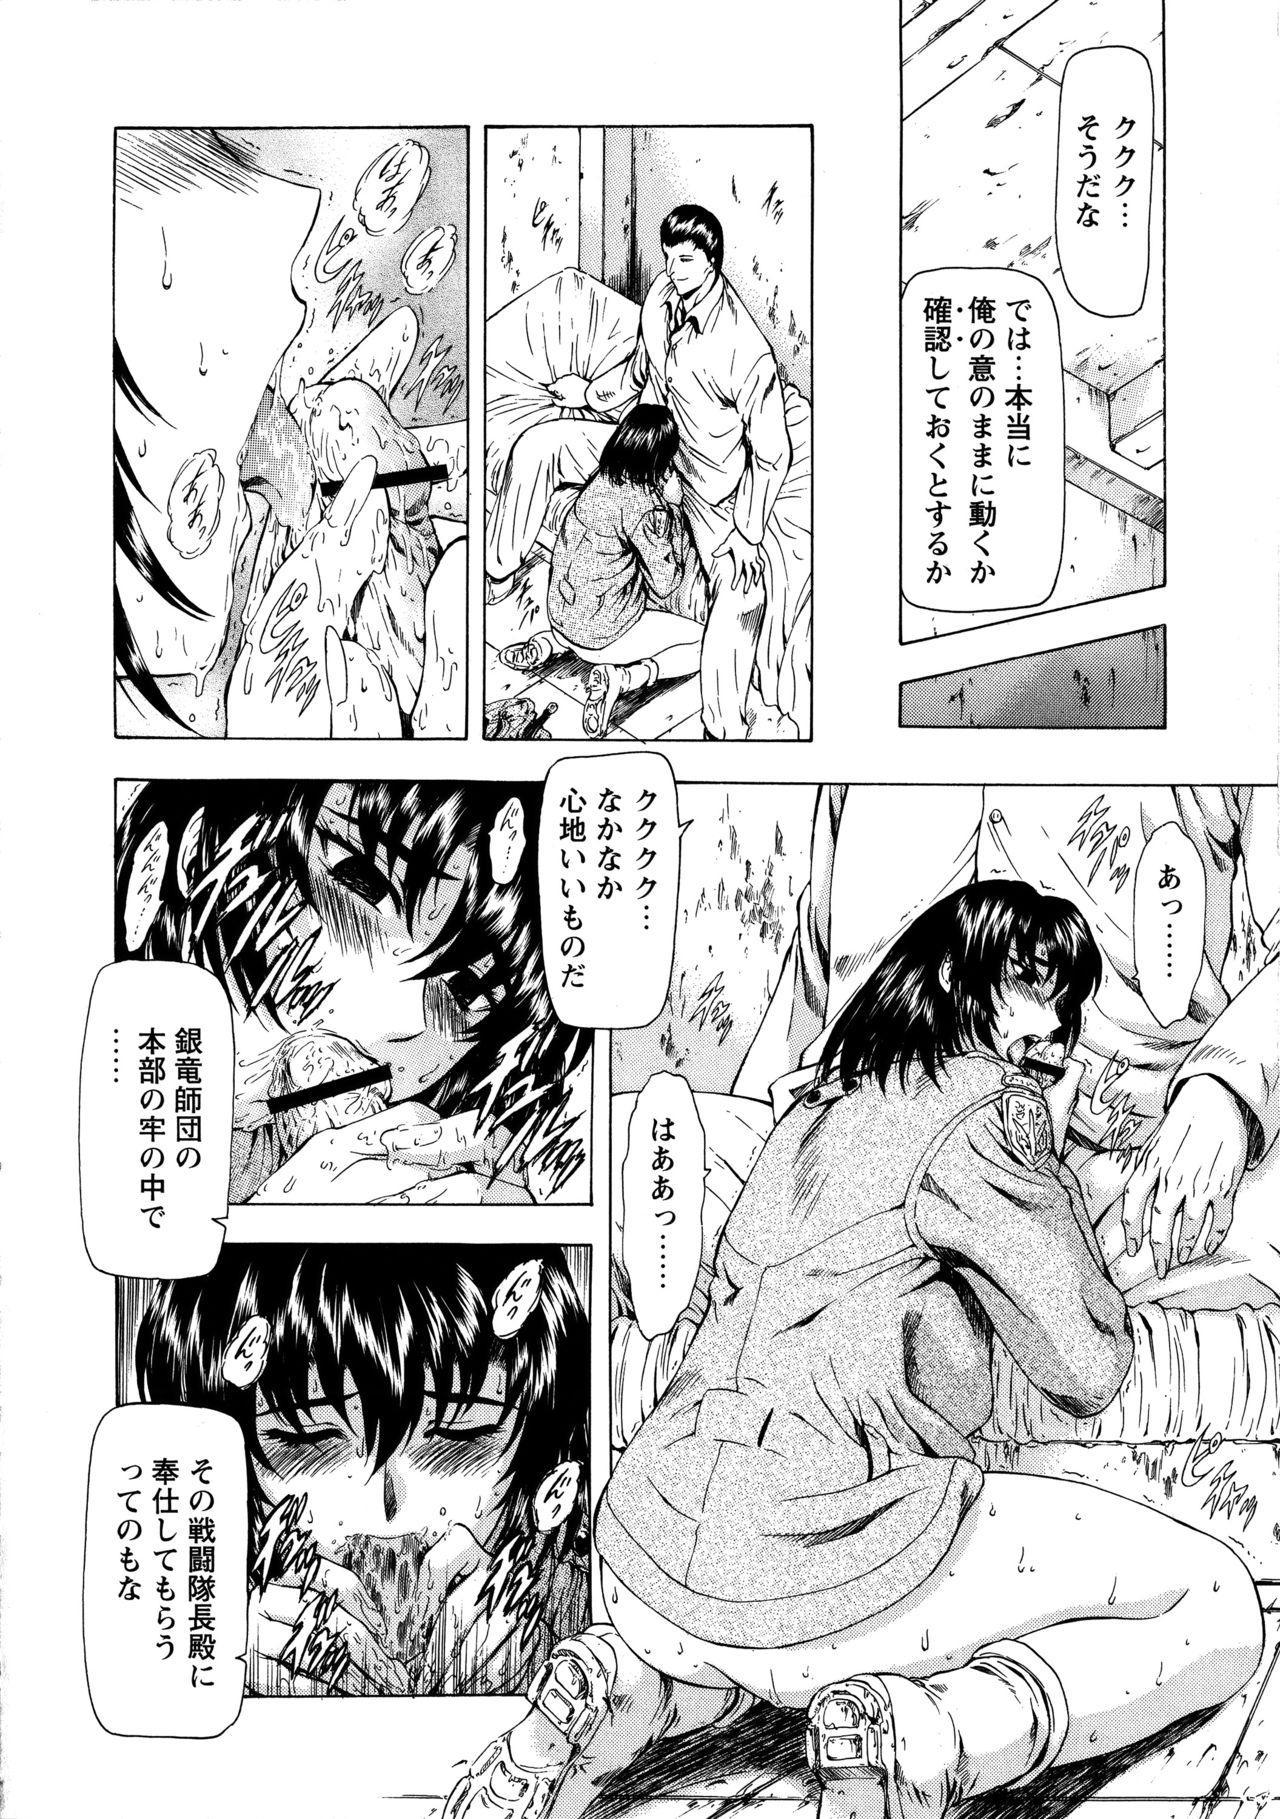 Ginryuu no Reimei Vol. 1 45